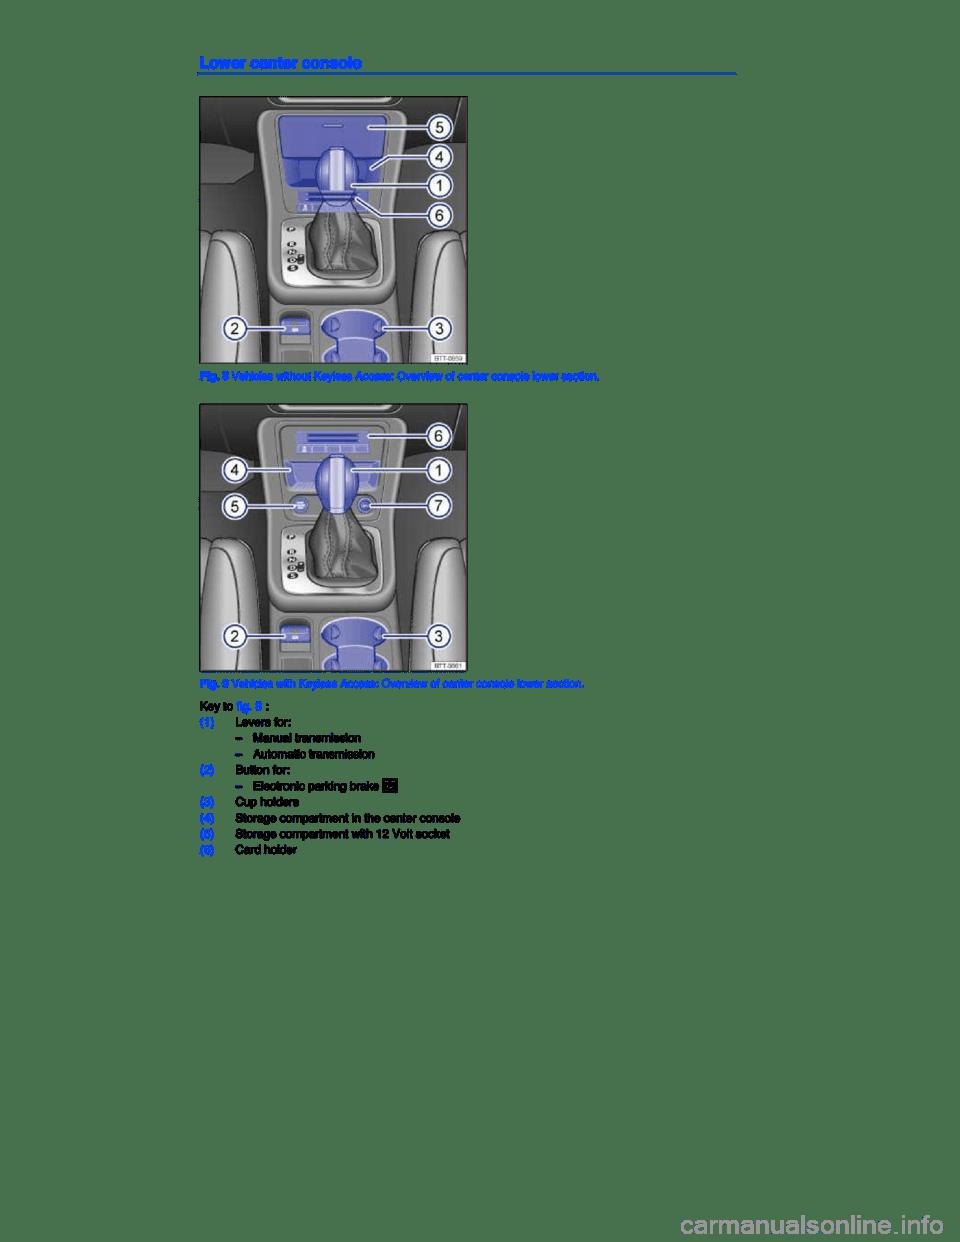 VOLKSWAGEN TIGUAN 2014 1.G Owners Manual